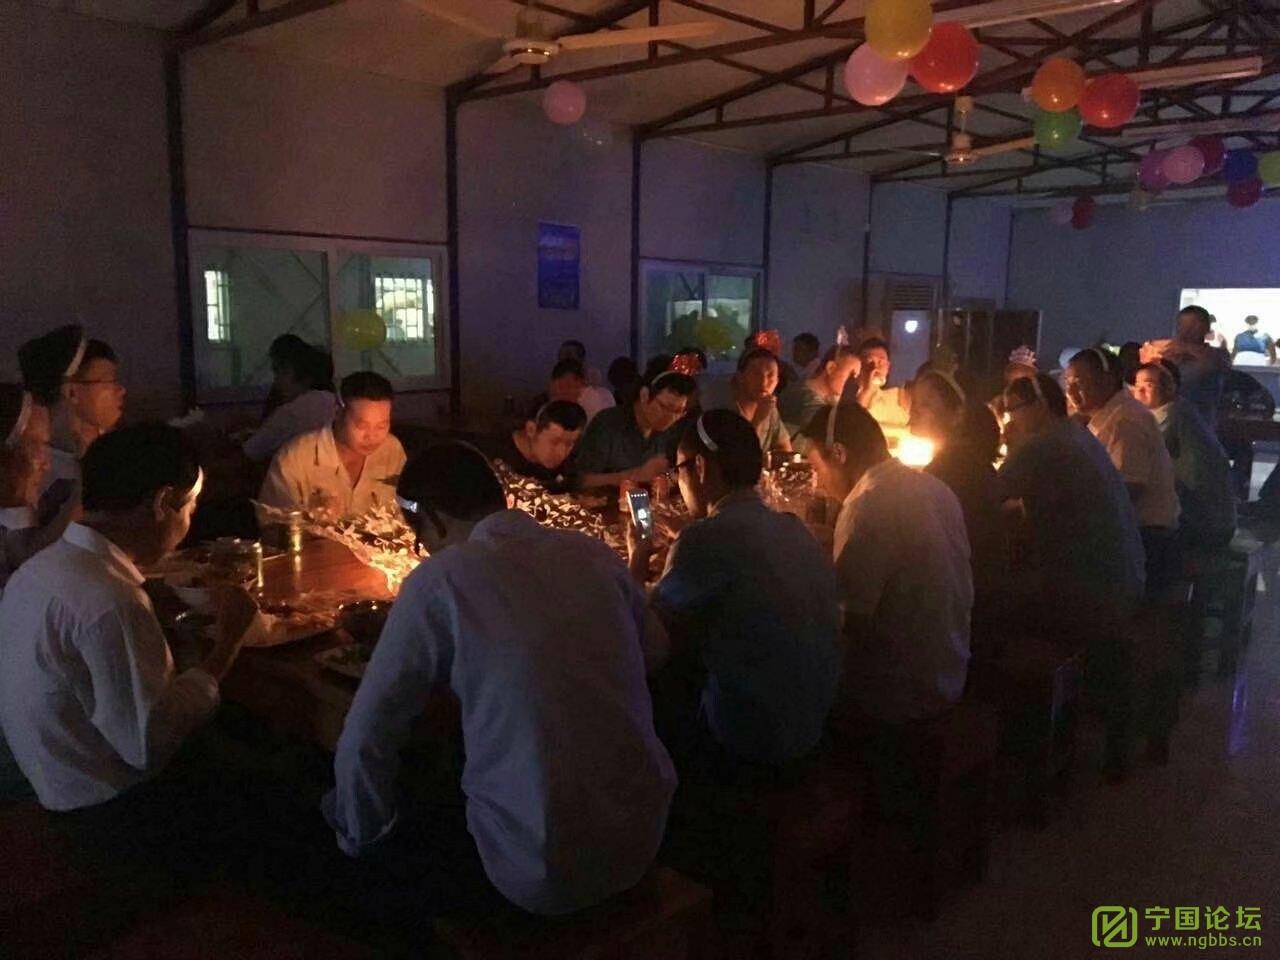 加纳风光-好久没发了 - 宁国论坛 - 给中方同事过生日